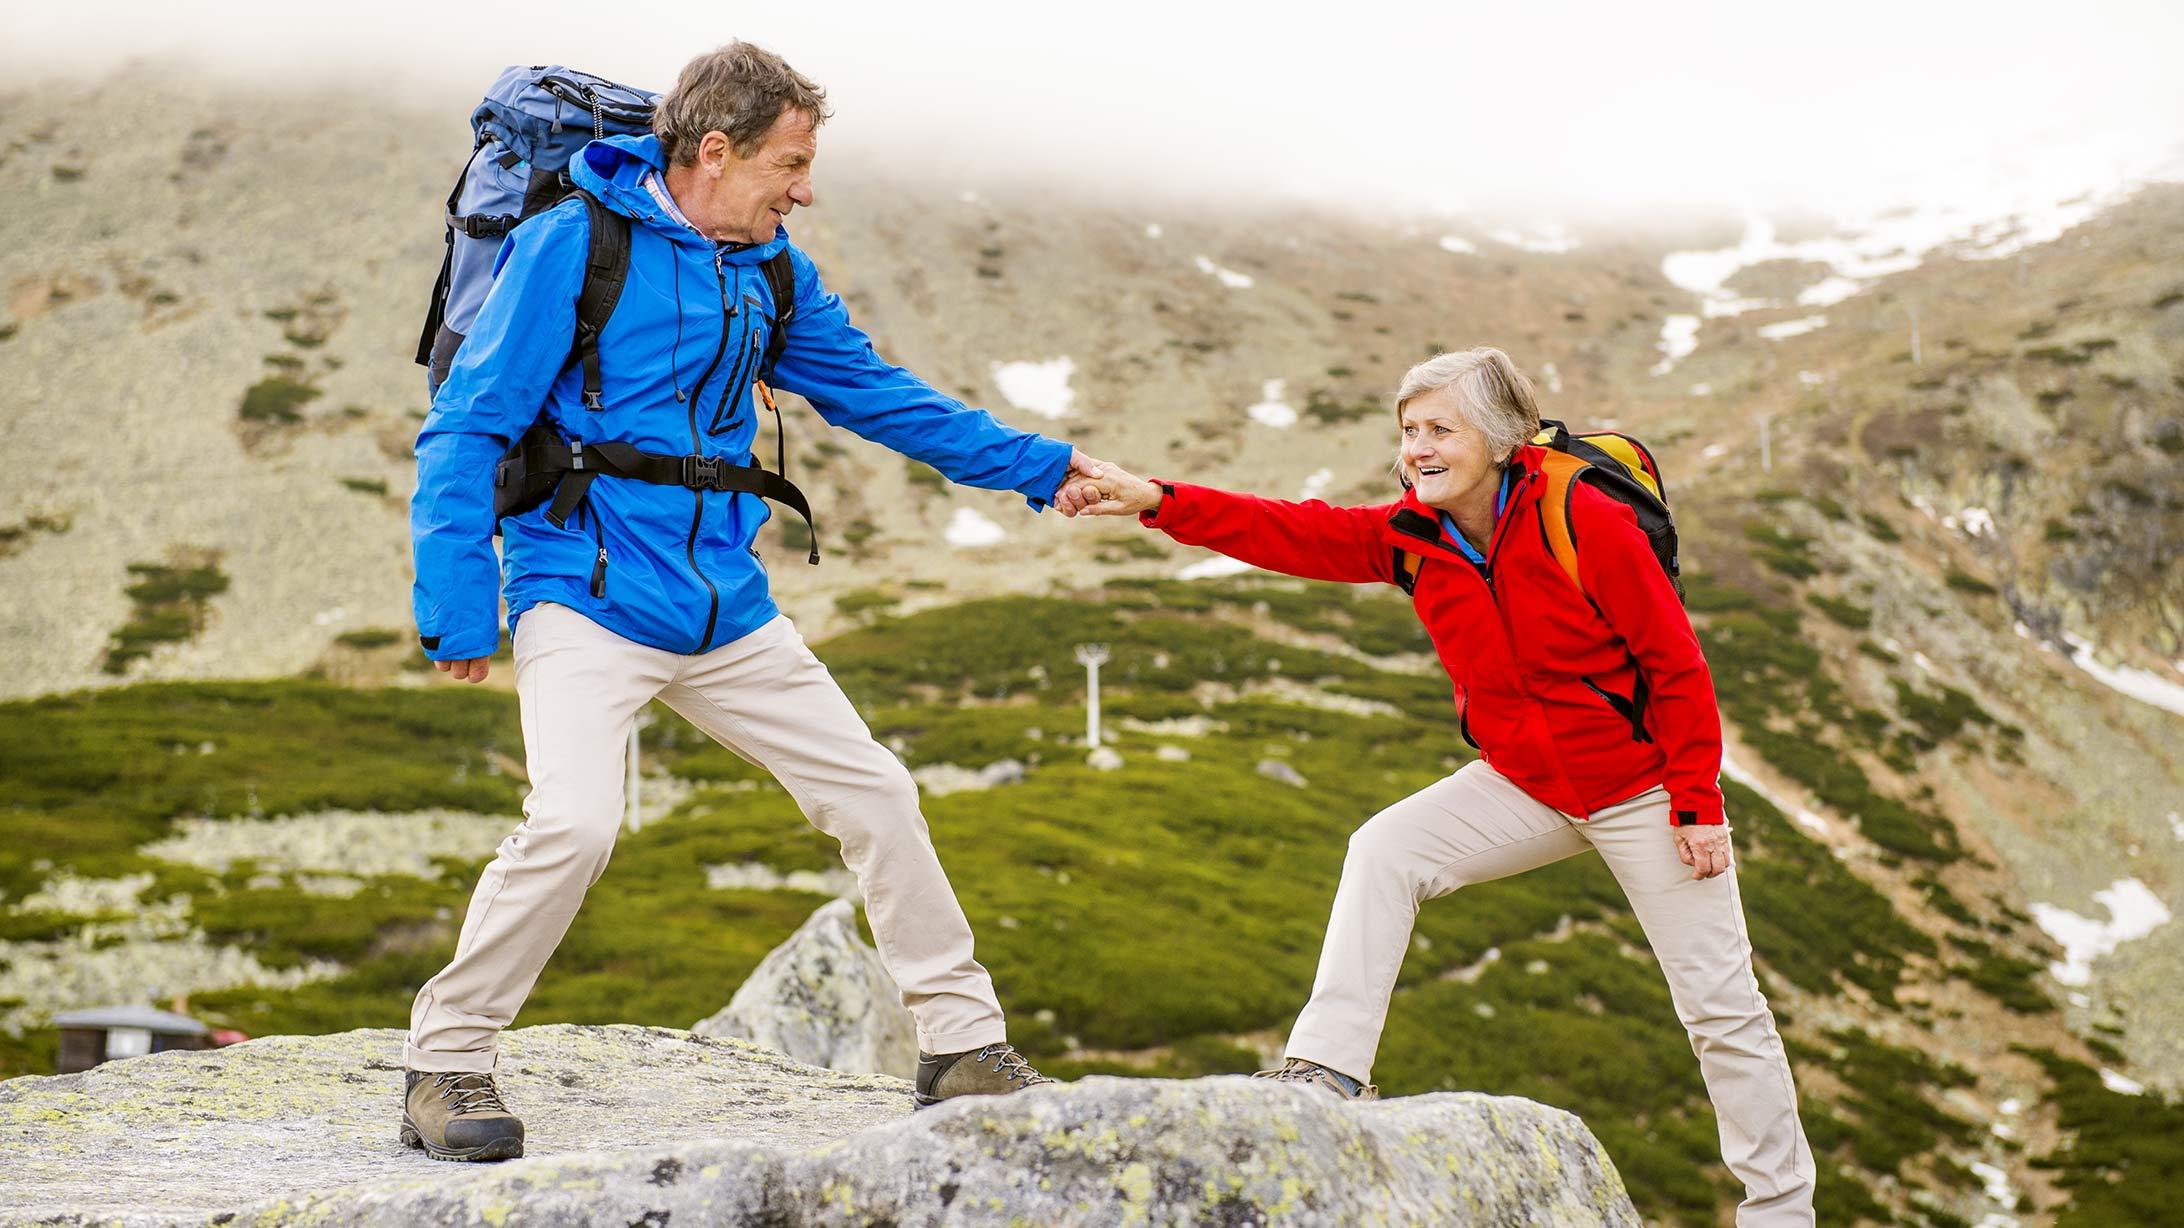 Ein älteres Paar klettert beim Wandern auf einen Felsen.